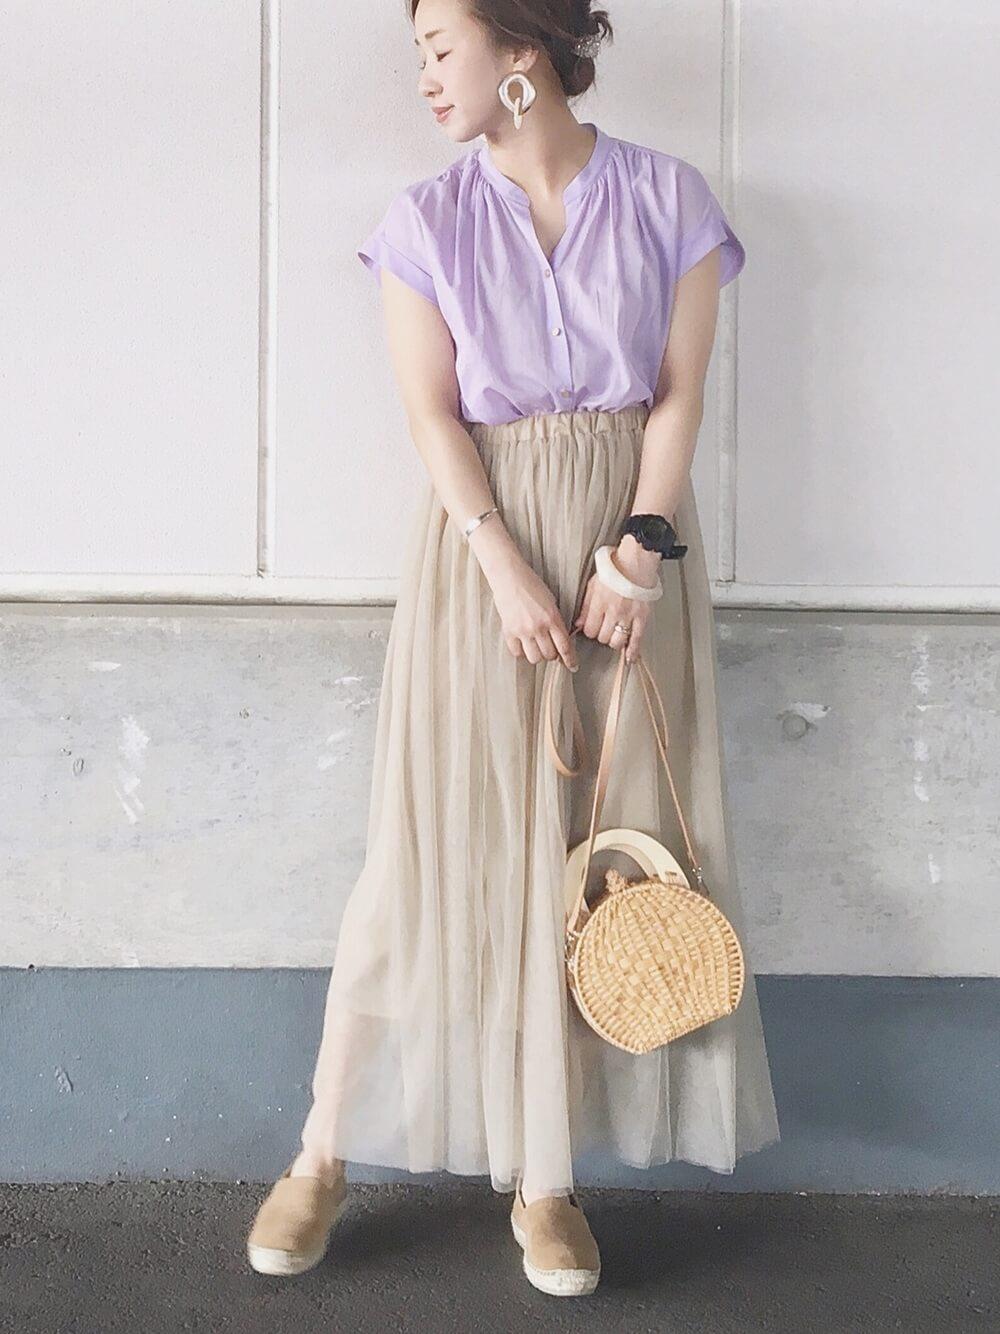 【丈の長さ別】今年スカートを買うならコレがおすすめ!